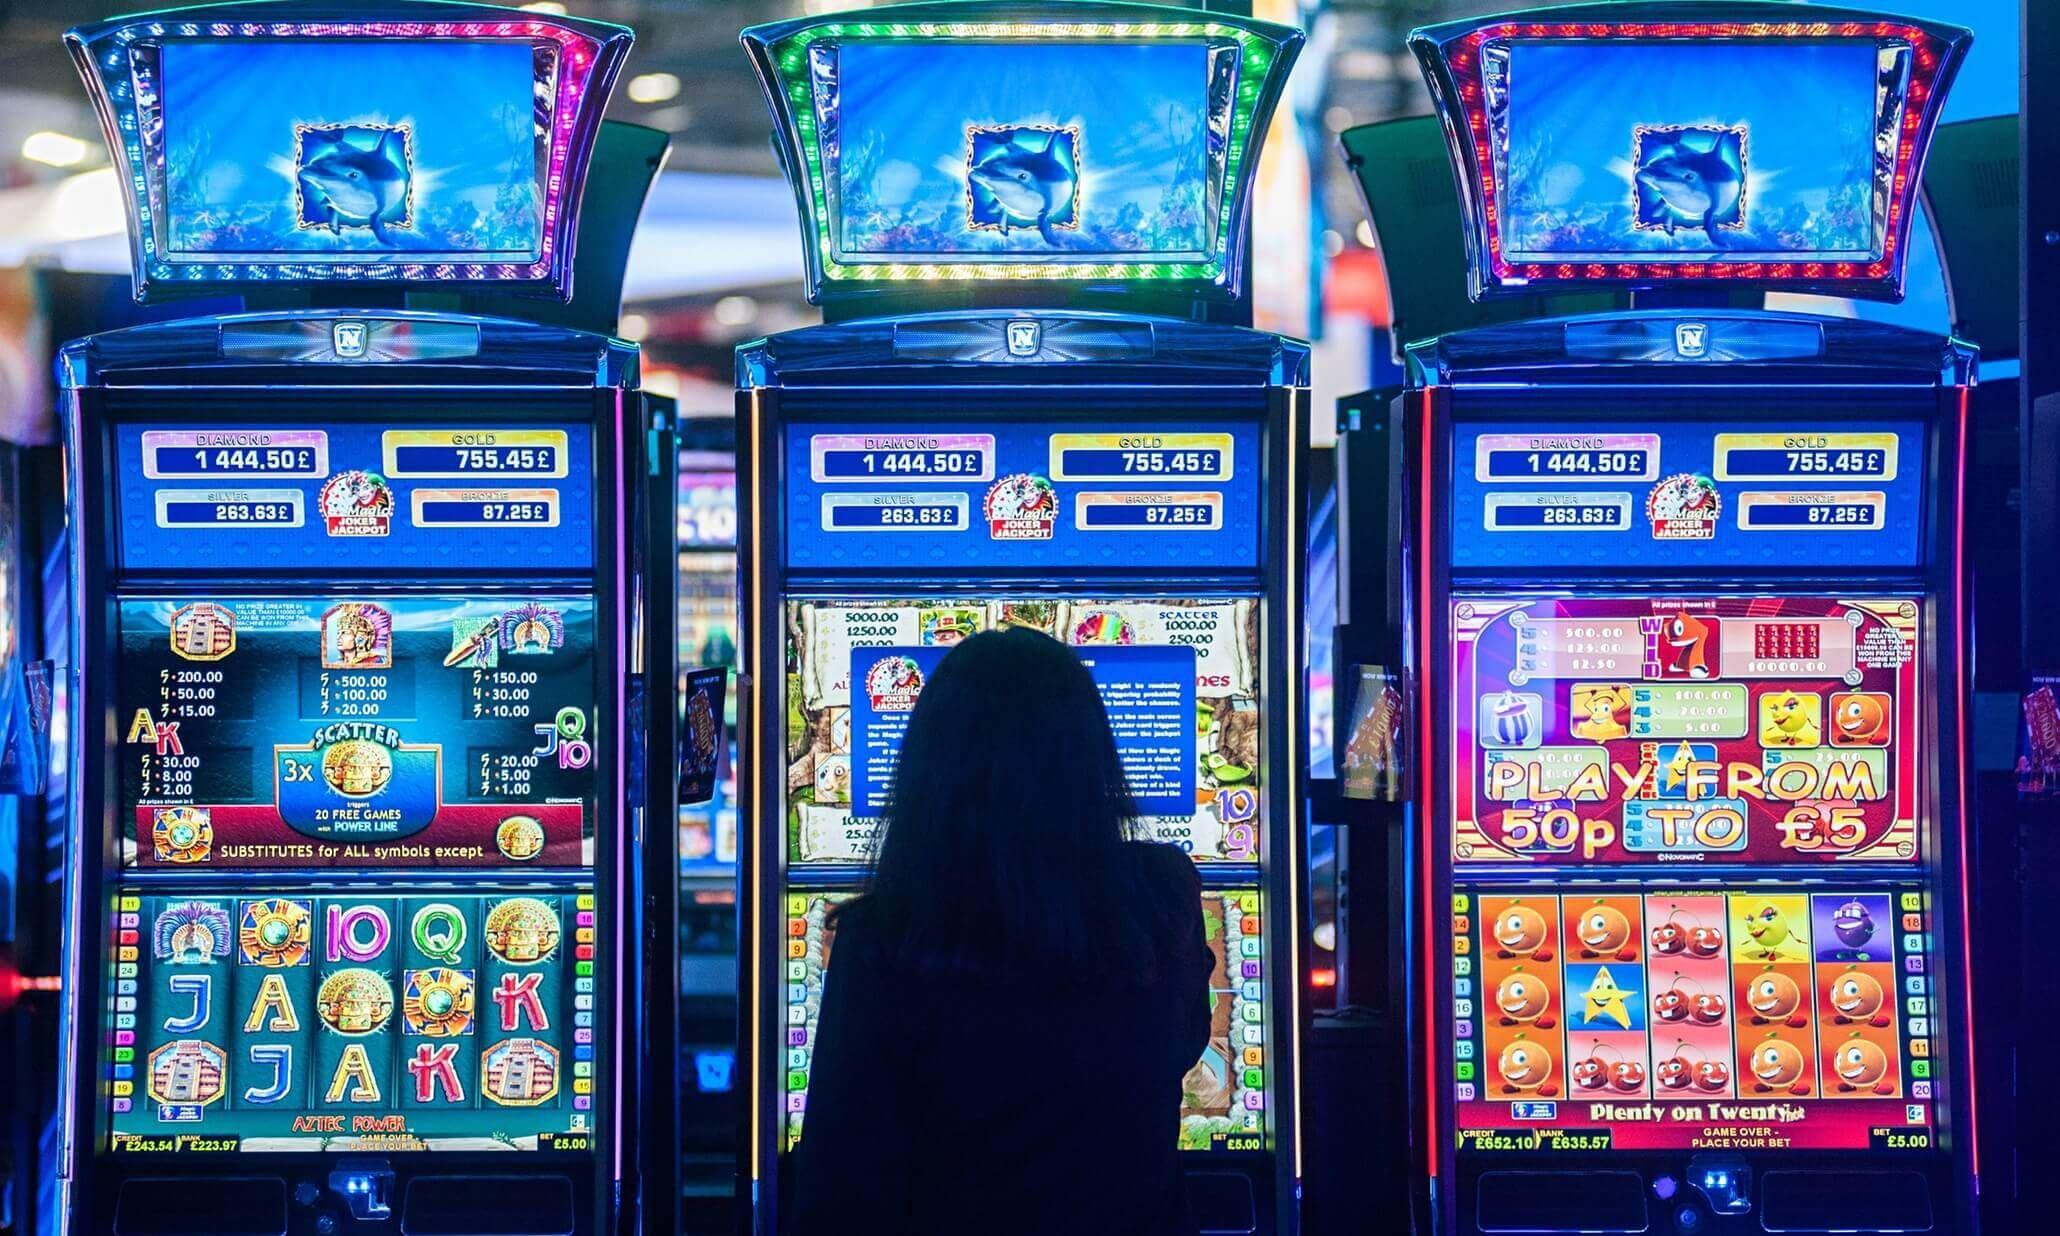 играть в иллюзиониста как в игровых автоматах играть бесплатно